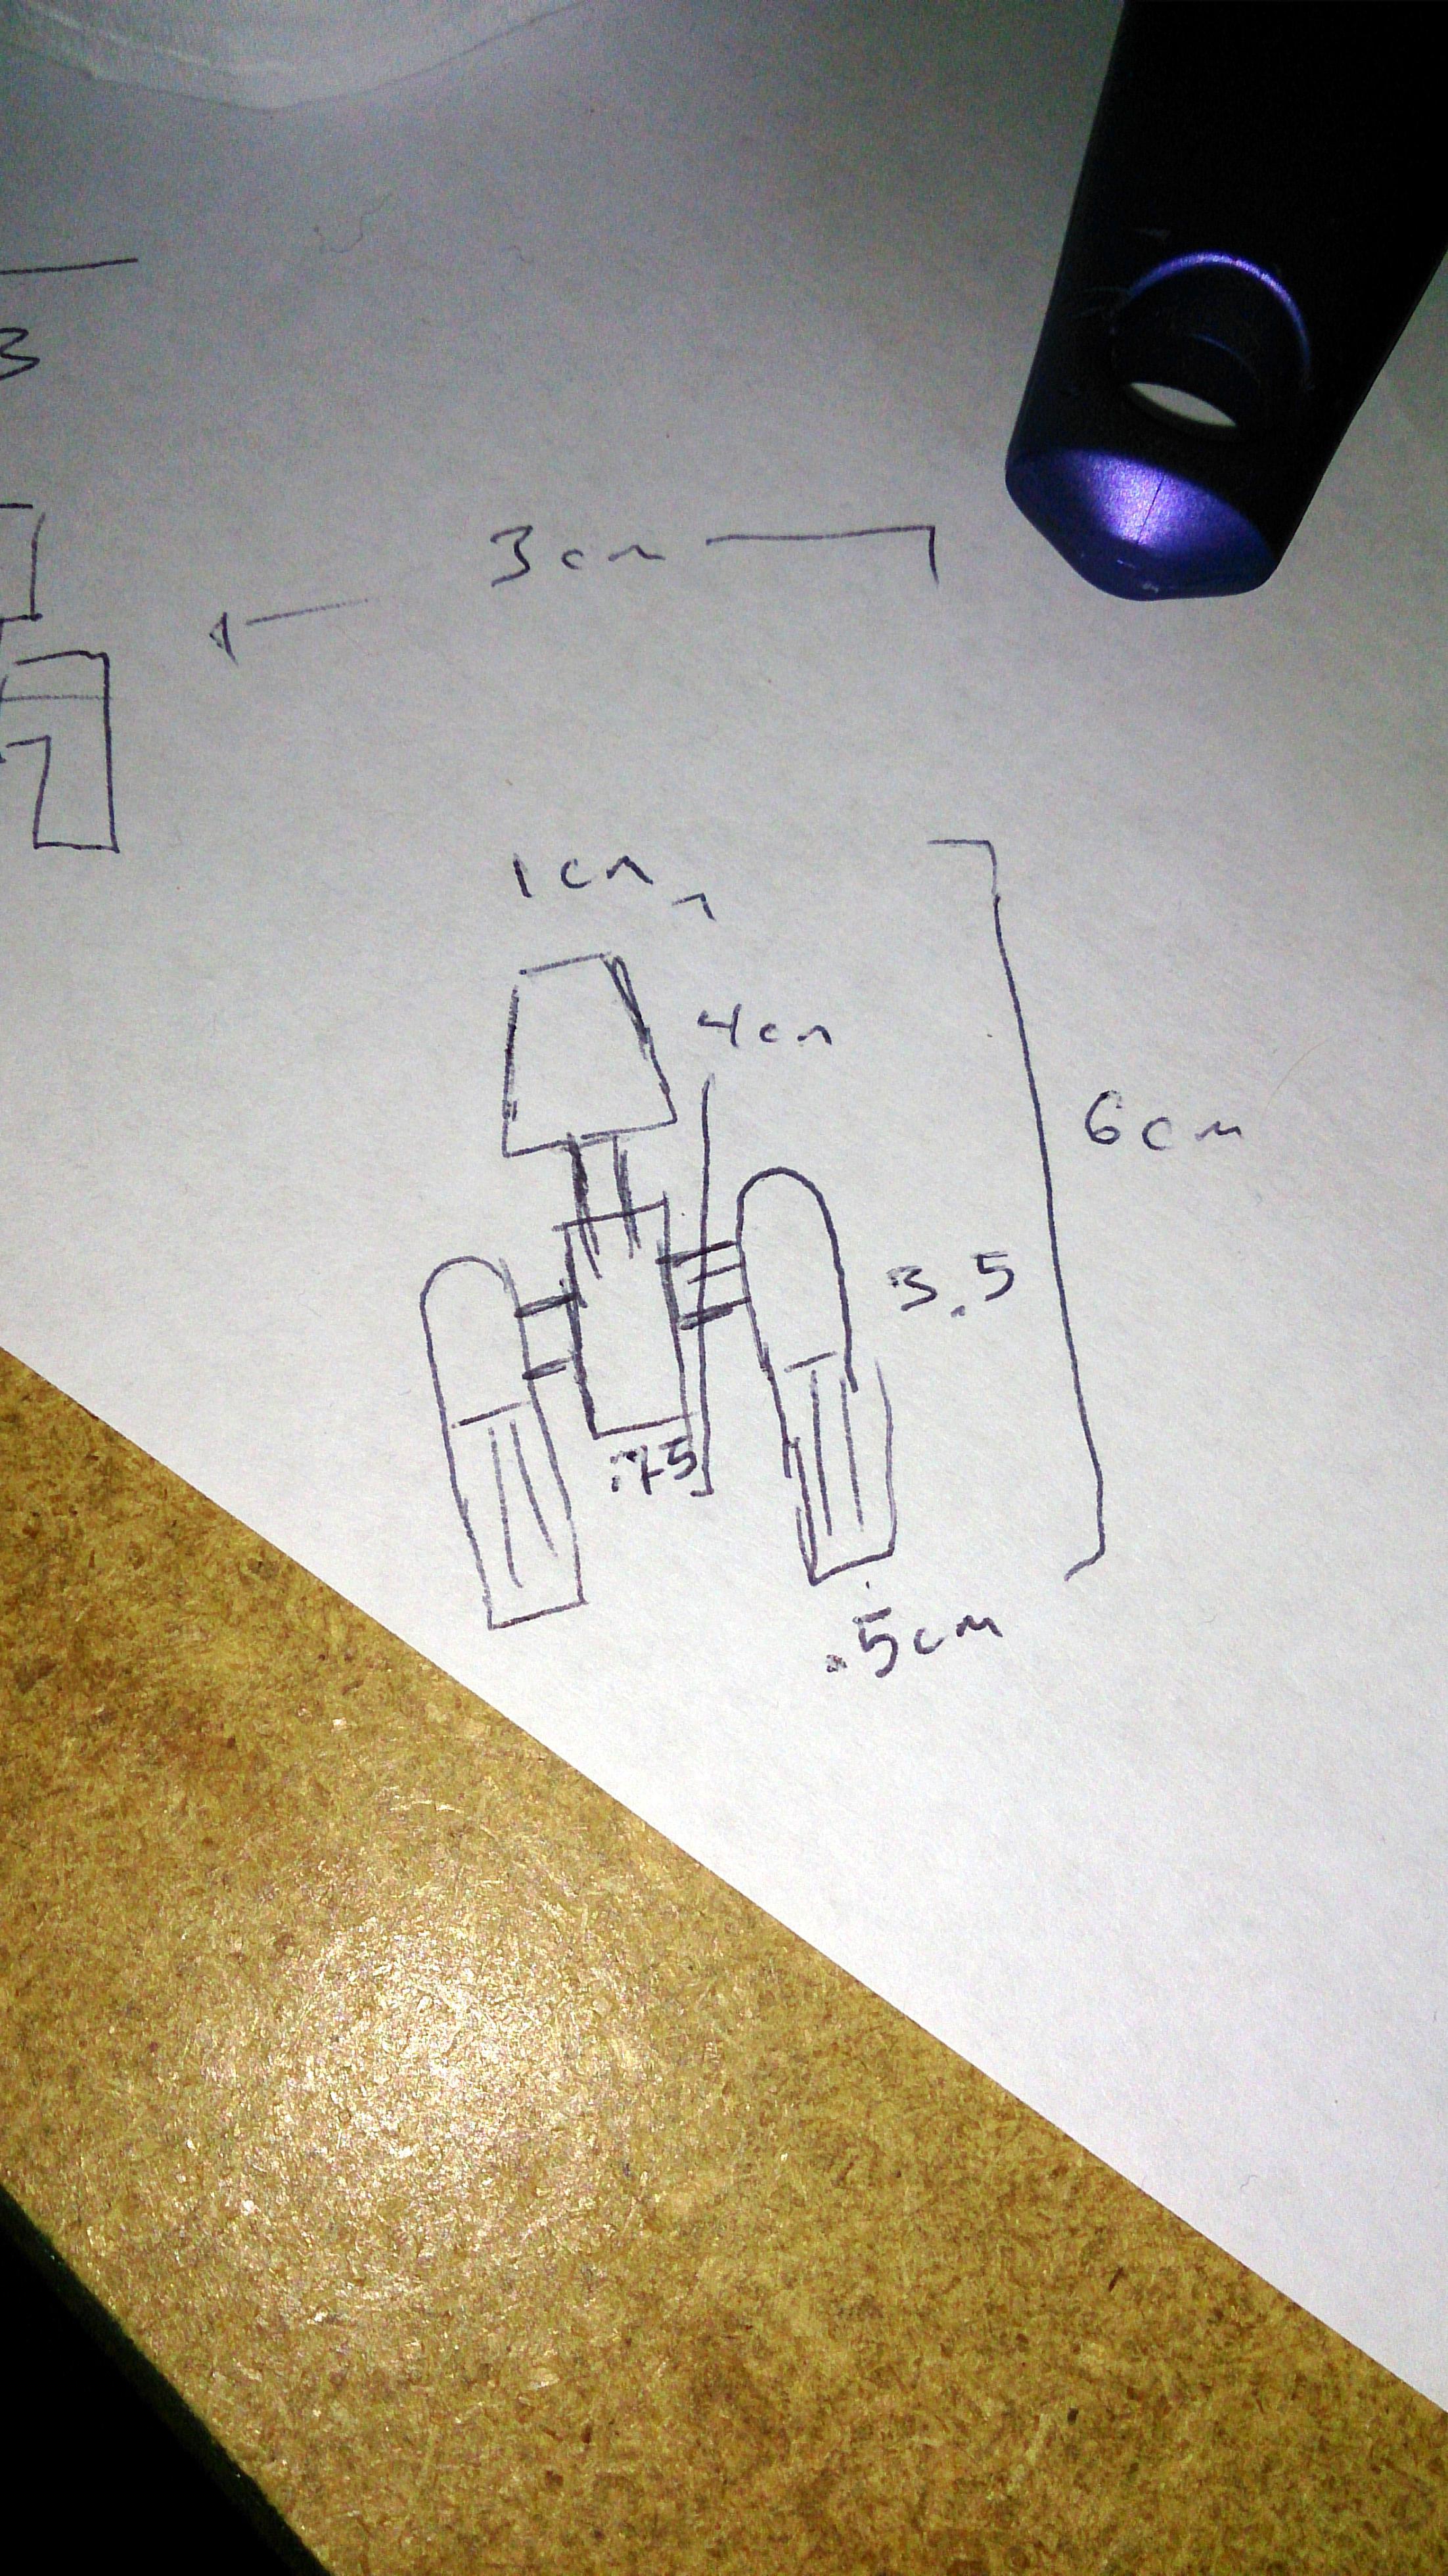 Cardboard X-Wing sketching